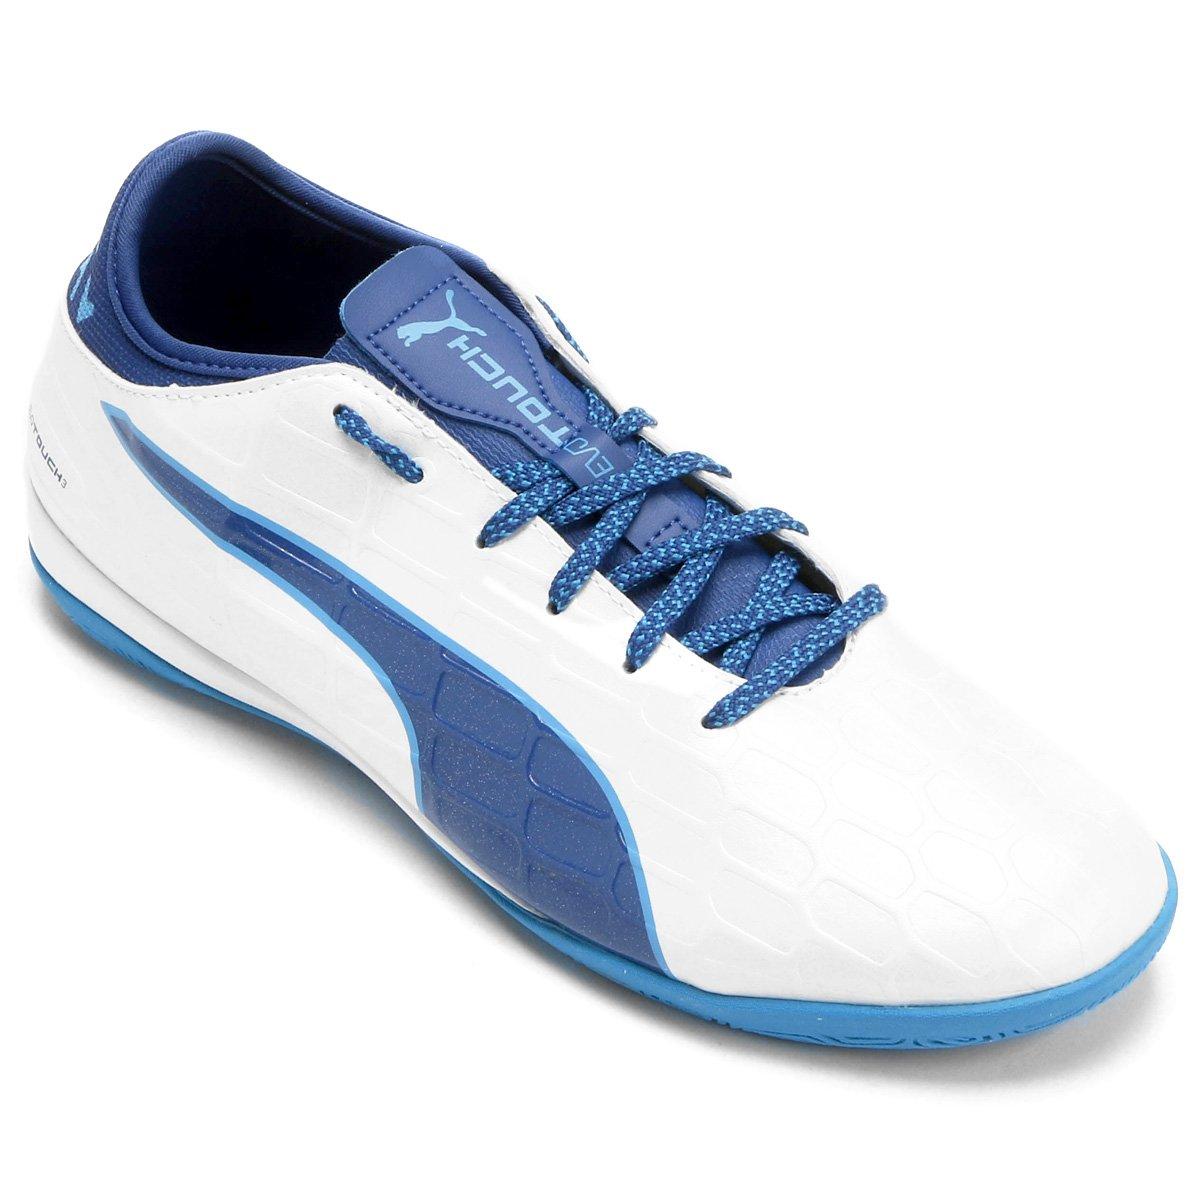 ... Chuteira Futsal Puma Evotouch 3 IT Masculino 08f5c55778dd8